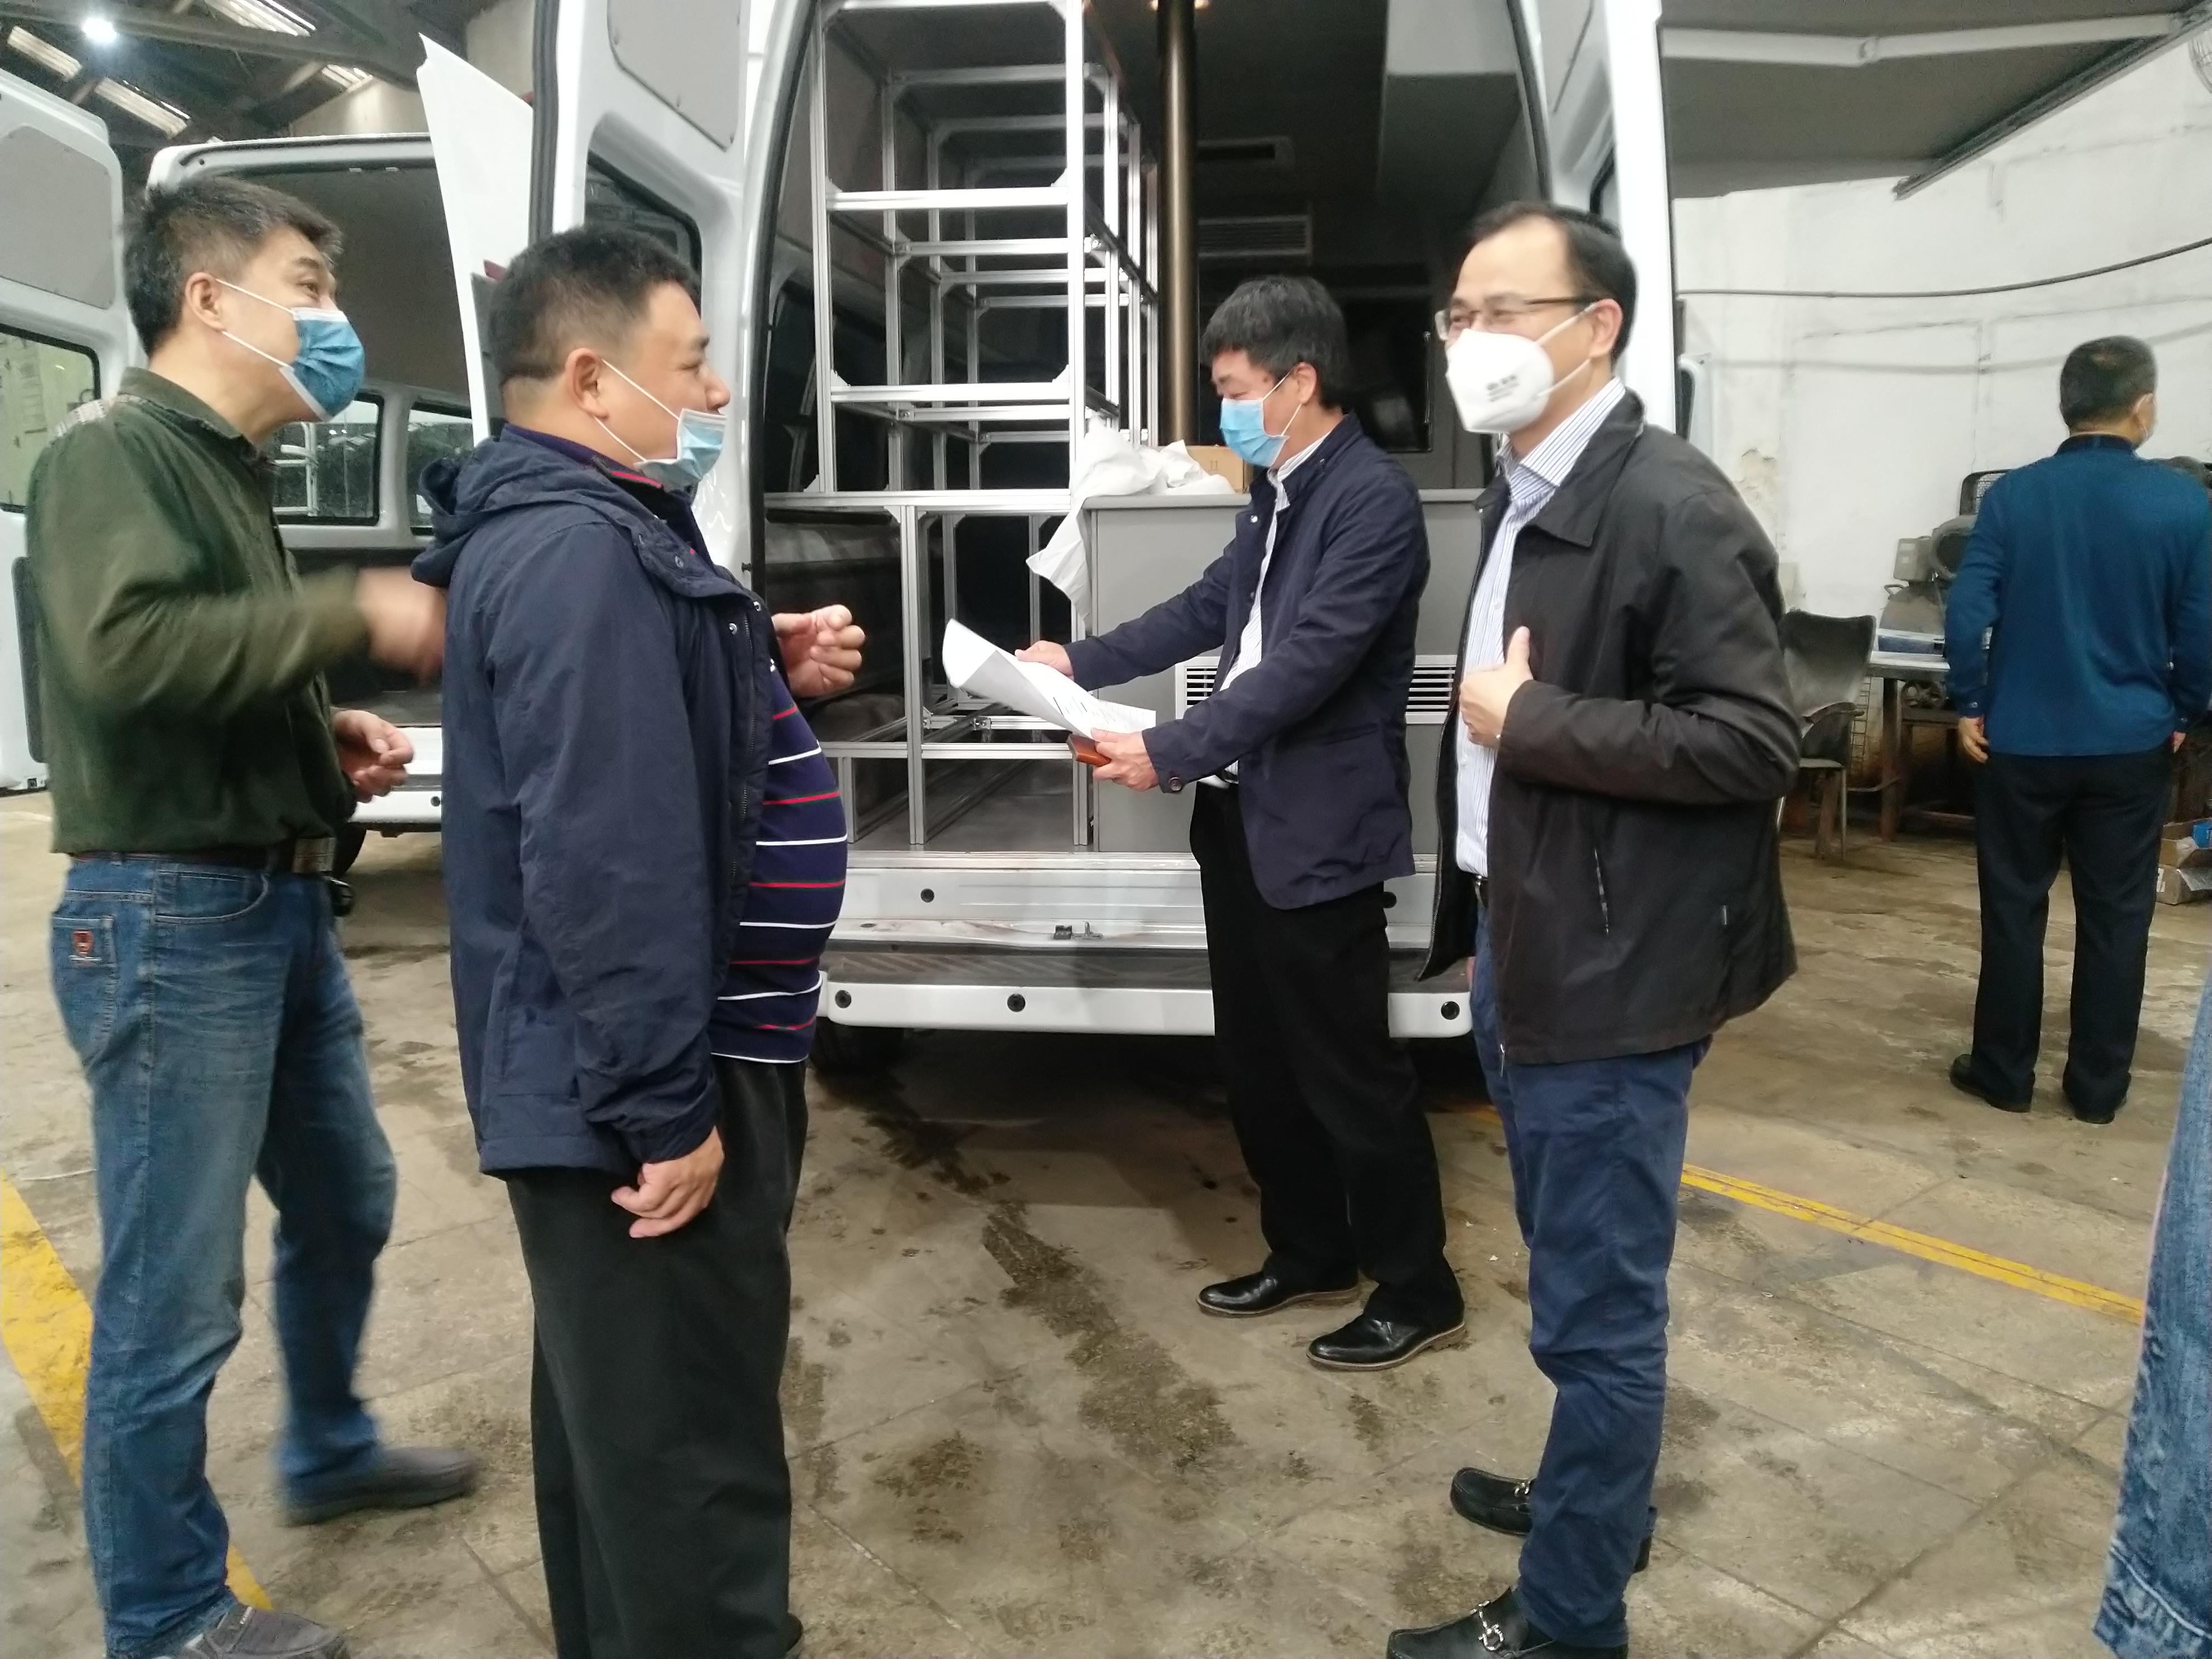 广东省建筑科学研究院领导一行8人莅临我公司指导工作,关心疫情期间的产品进度以及遇到的生产困难